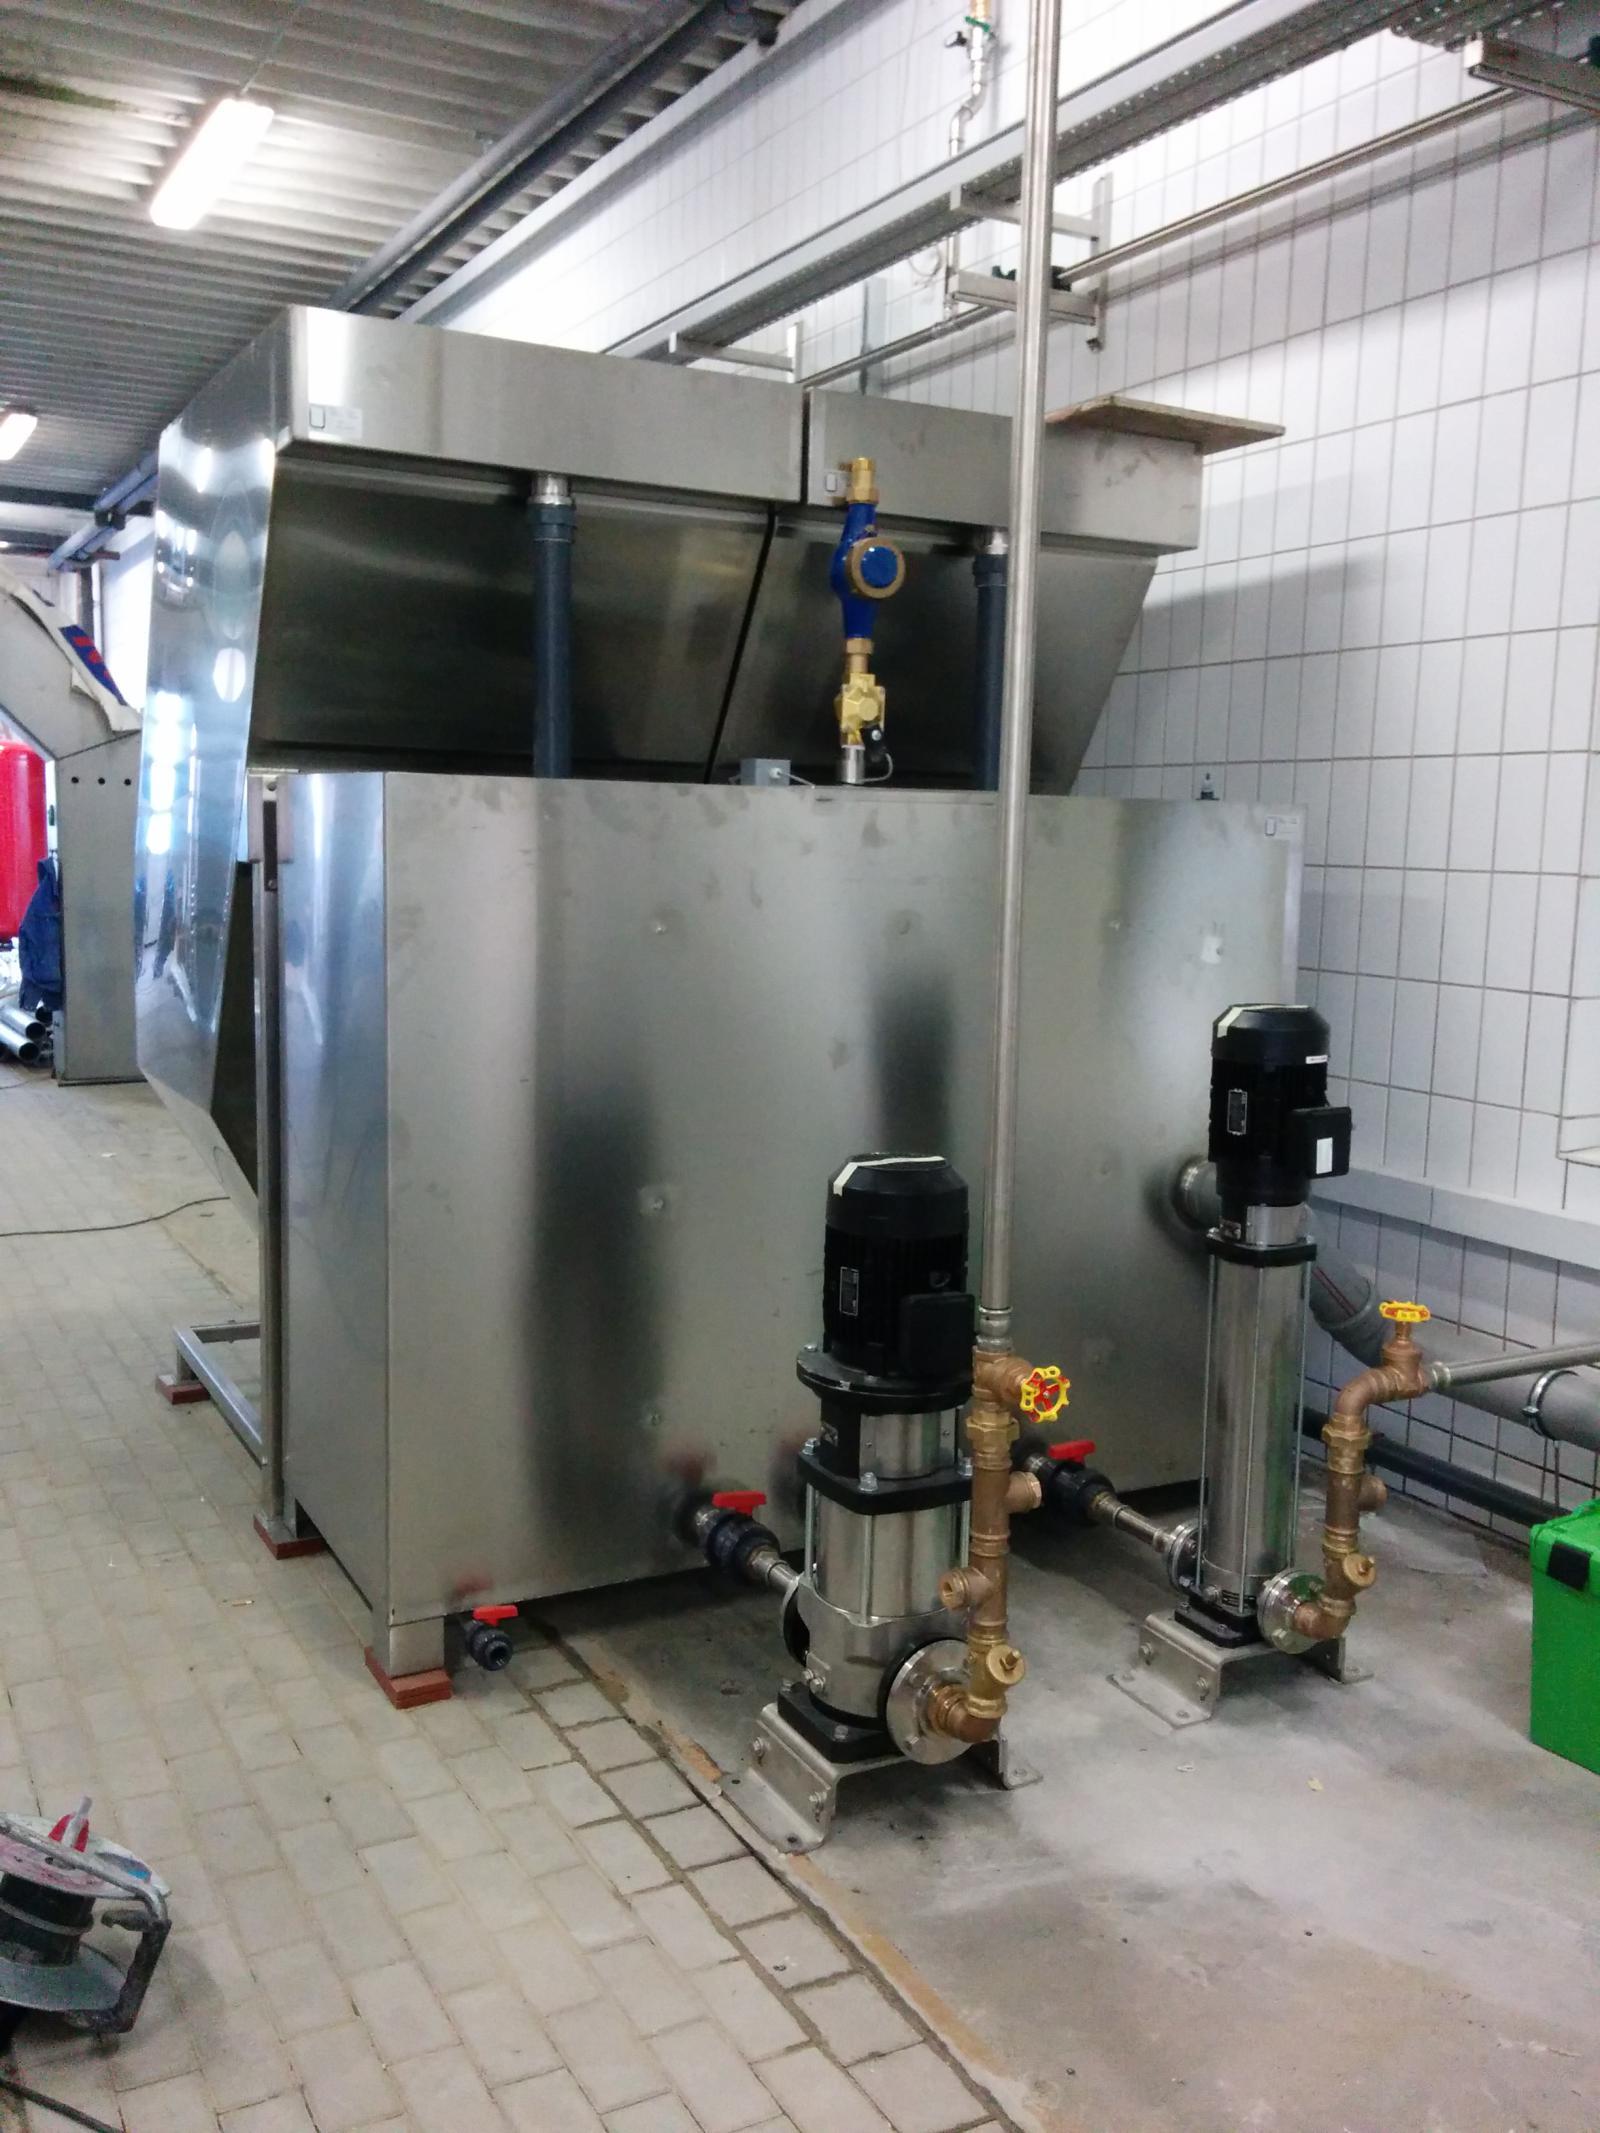 BioClassic System mit 40m³/h Leistung (Parallelaufstellung) an einer Großwaschstrasse